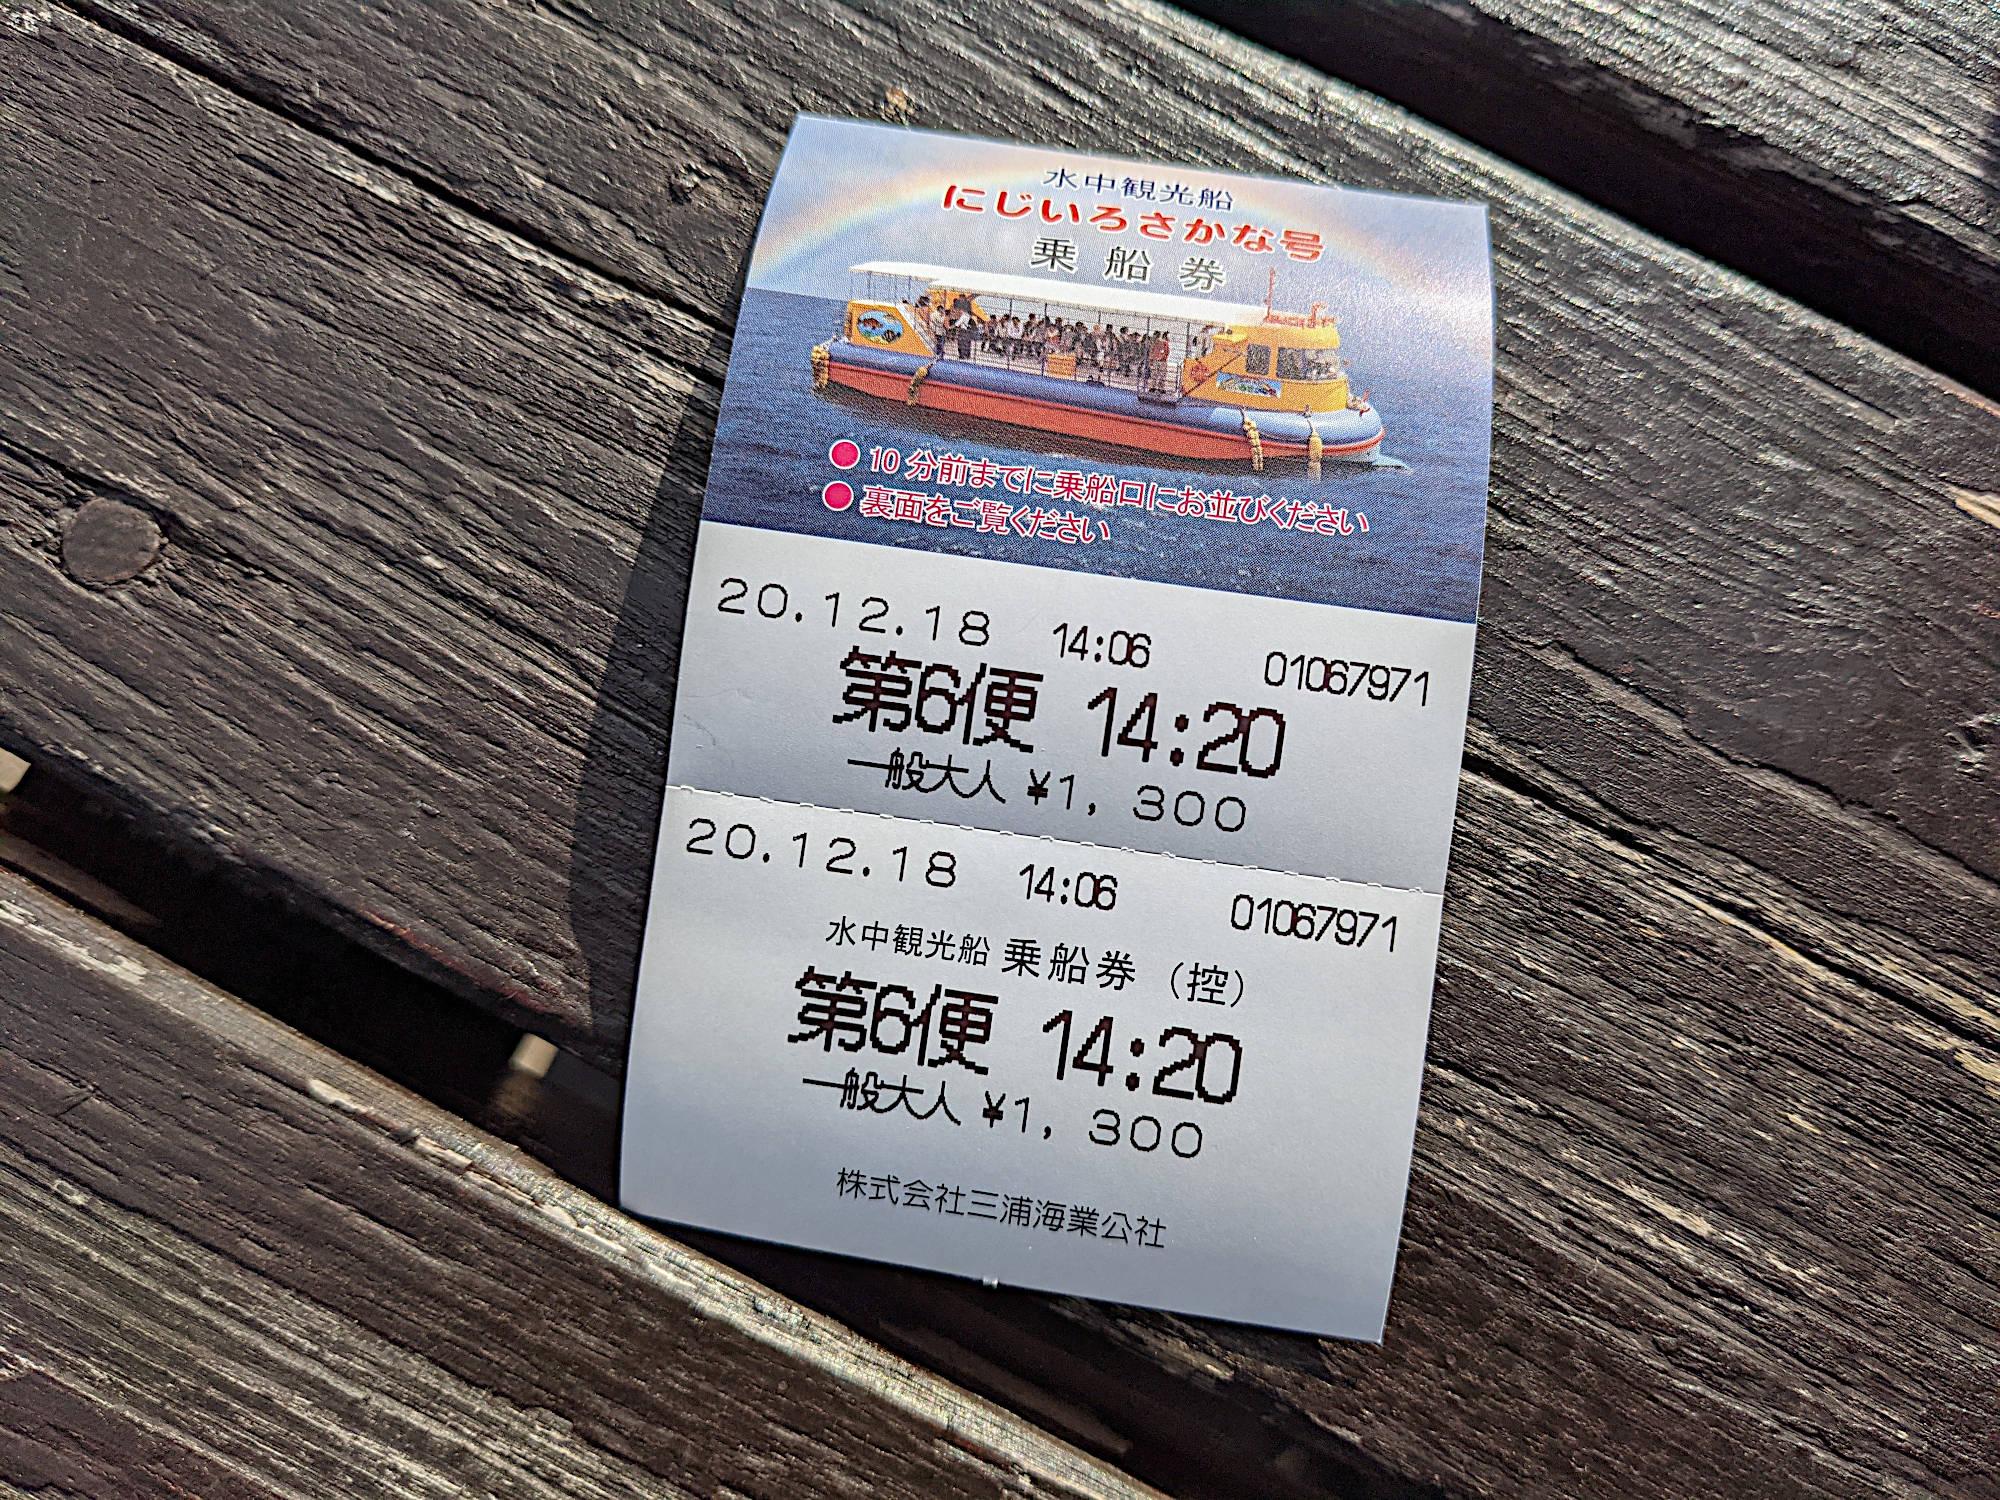 「にじいろさかな号」のチケット